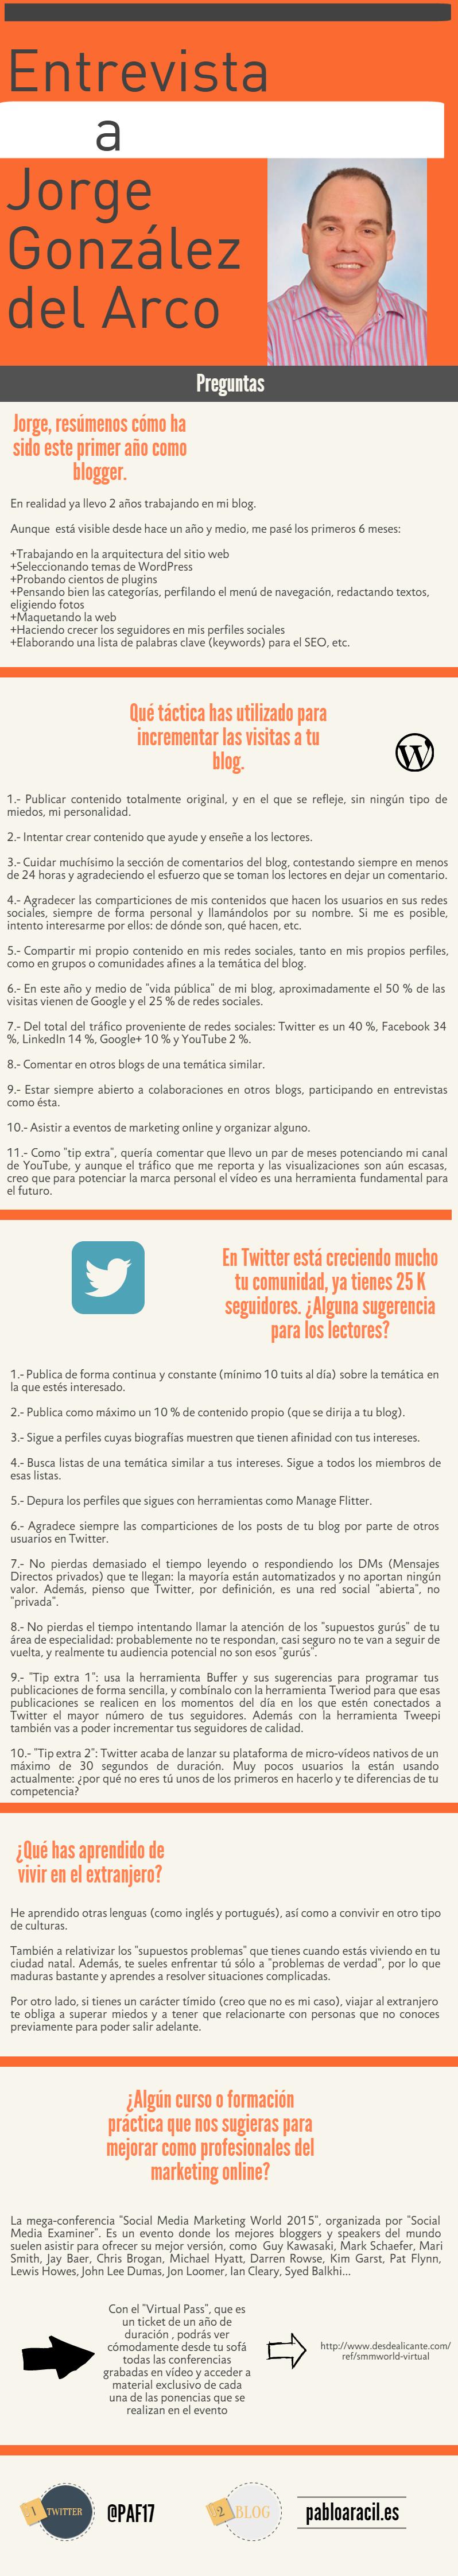 Infografía a Jorge González del Arco